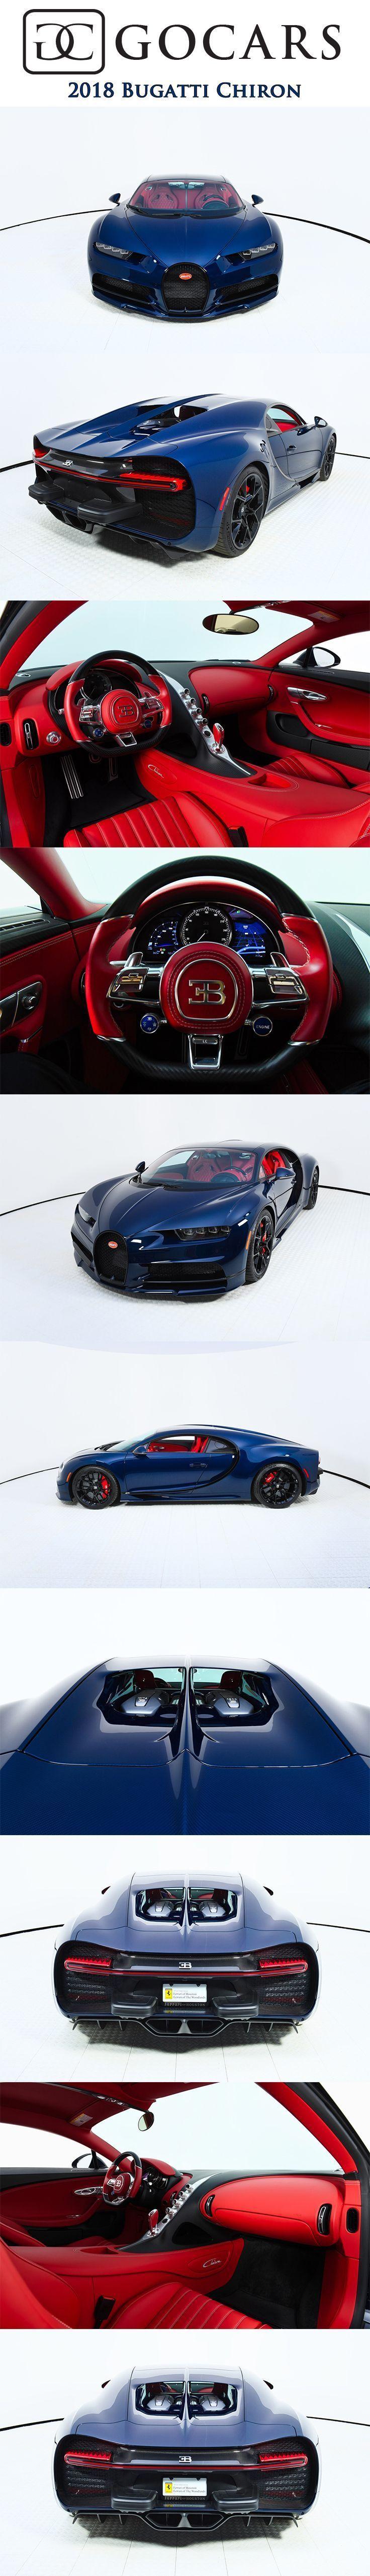 2018 Bugatti Chiron on GoCars 2018 Bugatti Chiron from the private collection. This USA-Specificati